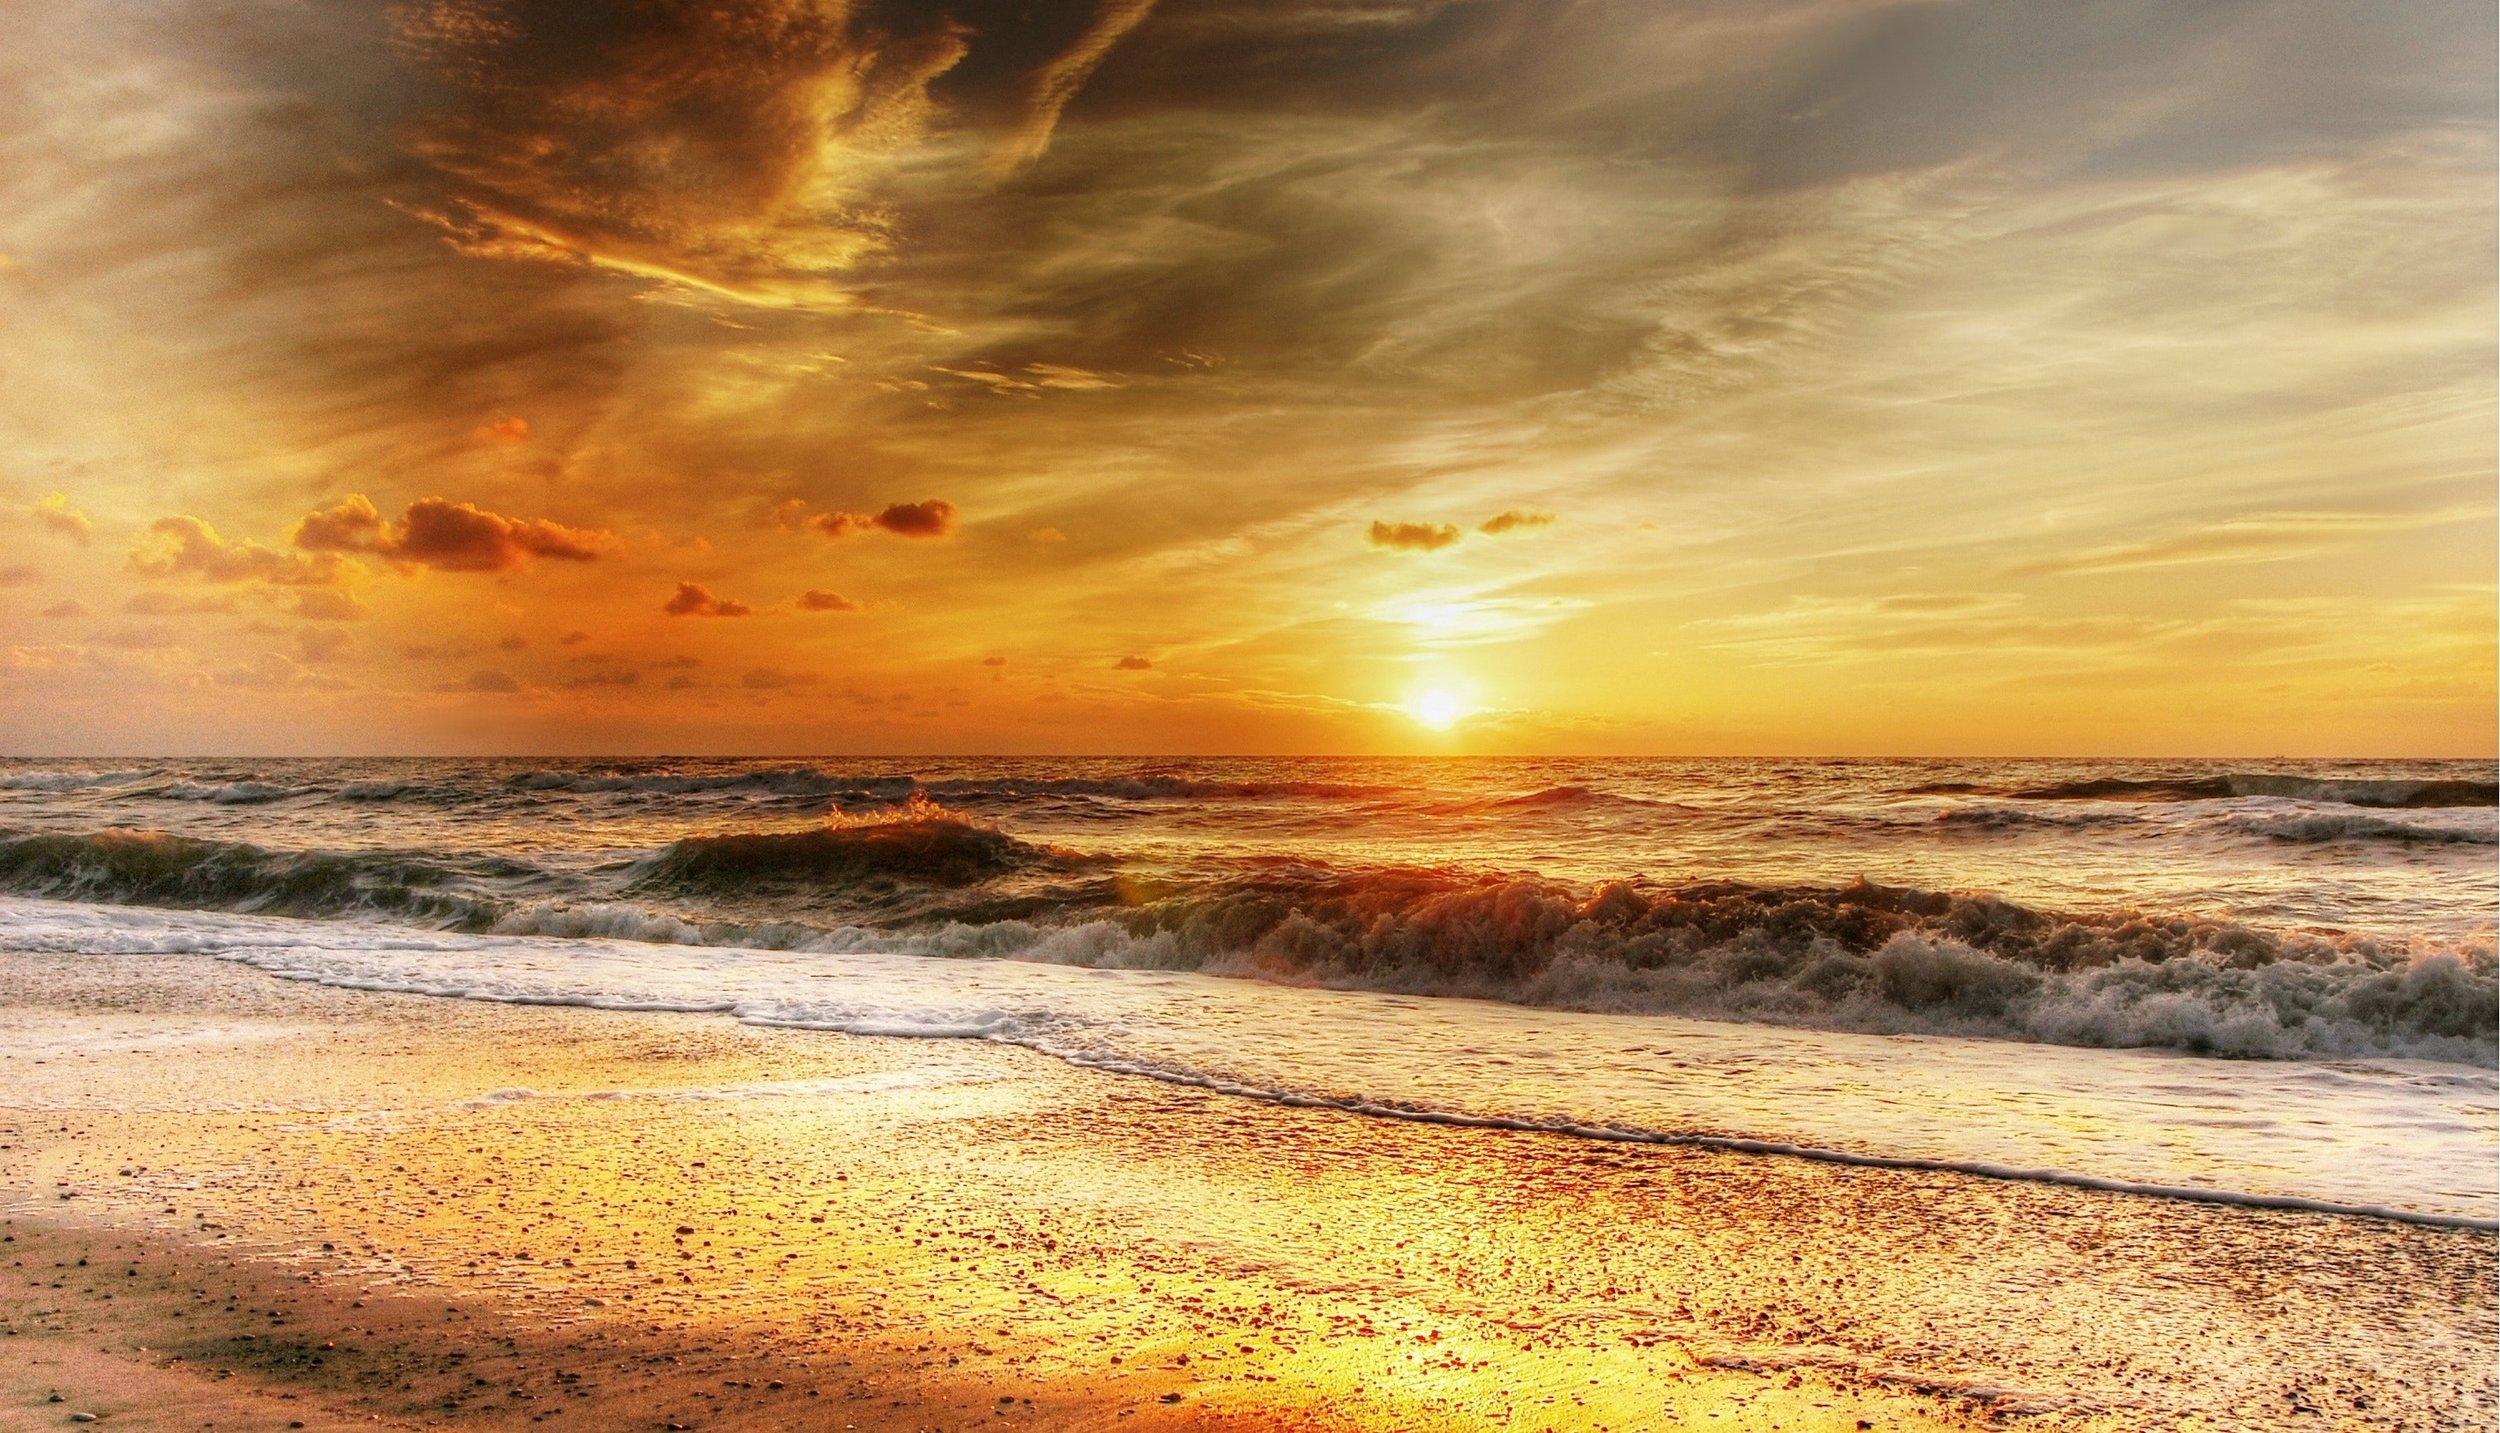 abendstimmung-afterglow-beach-432771.jpg